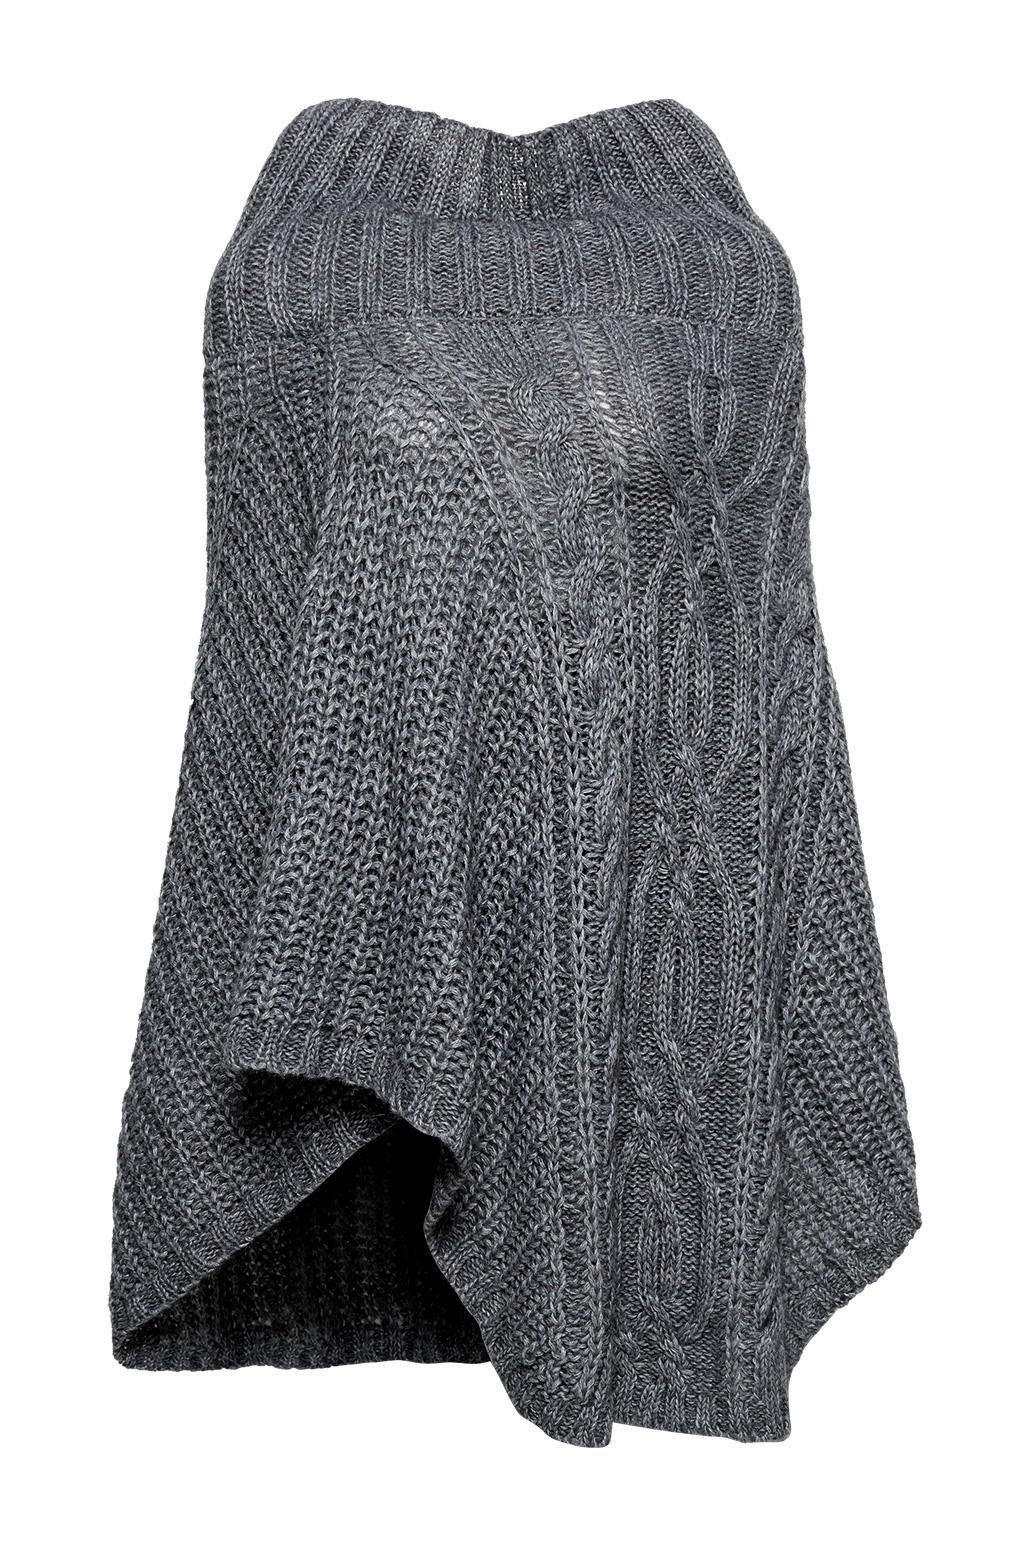 EcharpeGrisdark 020Taille Esprit Femme Grey Accessoires 107ea1q036 Unique roxBedQWC